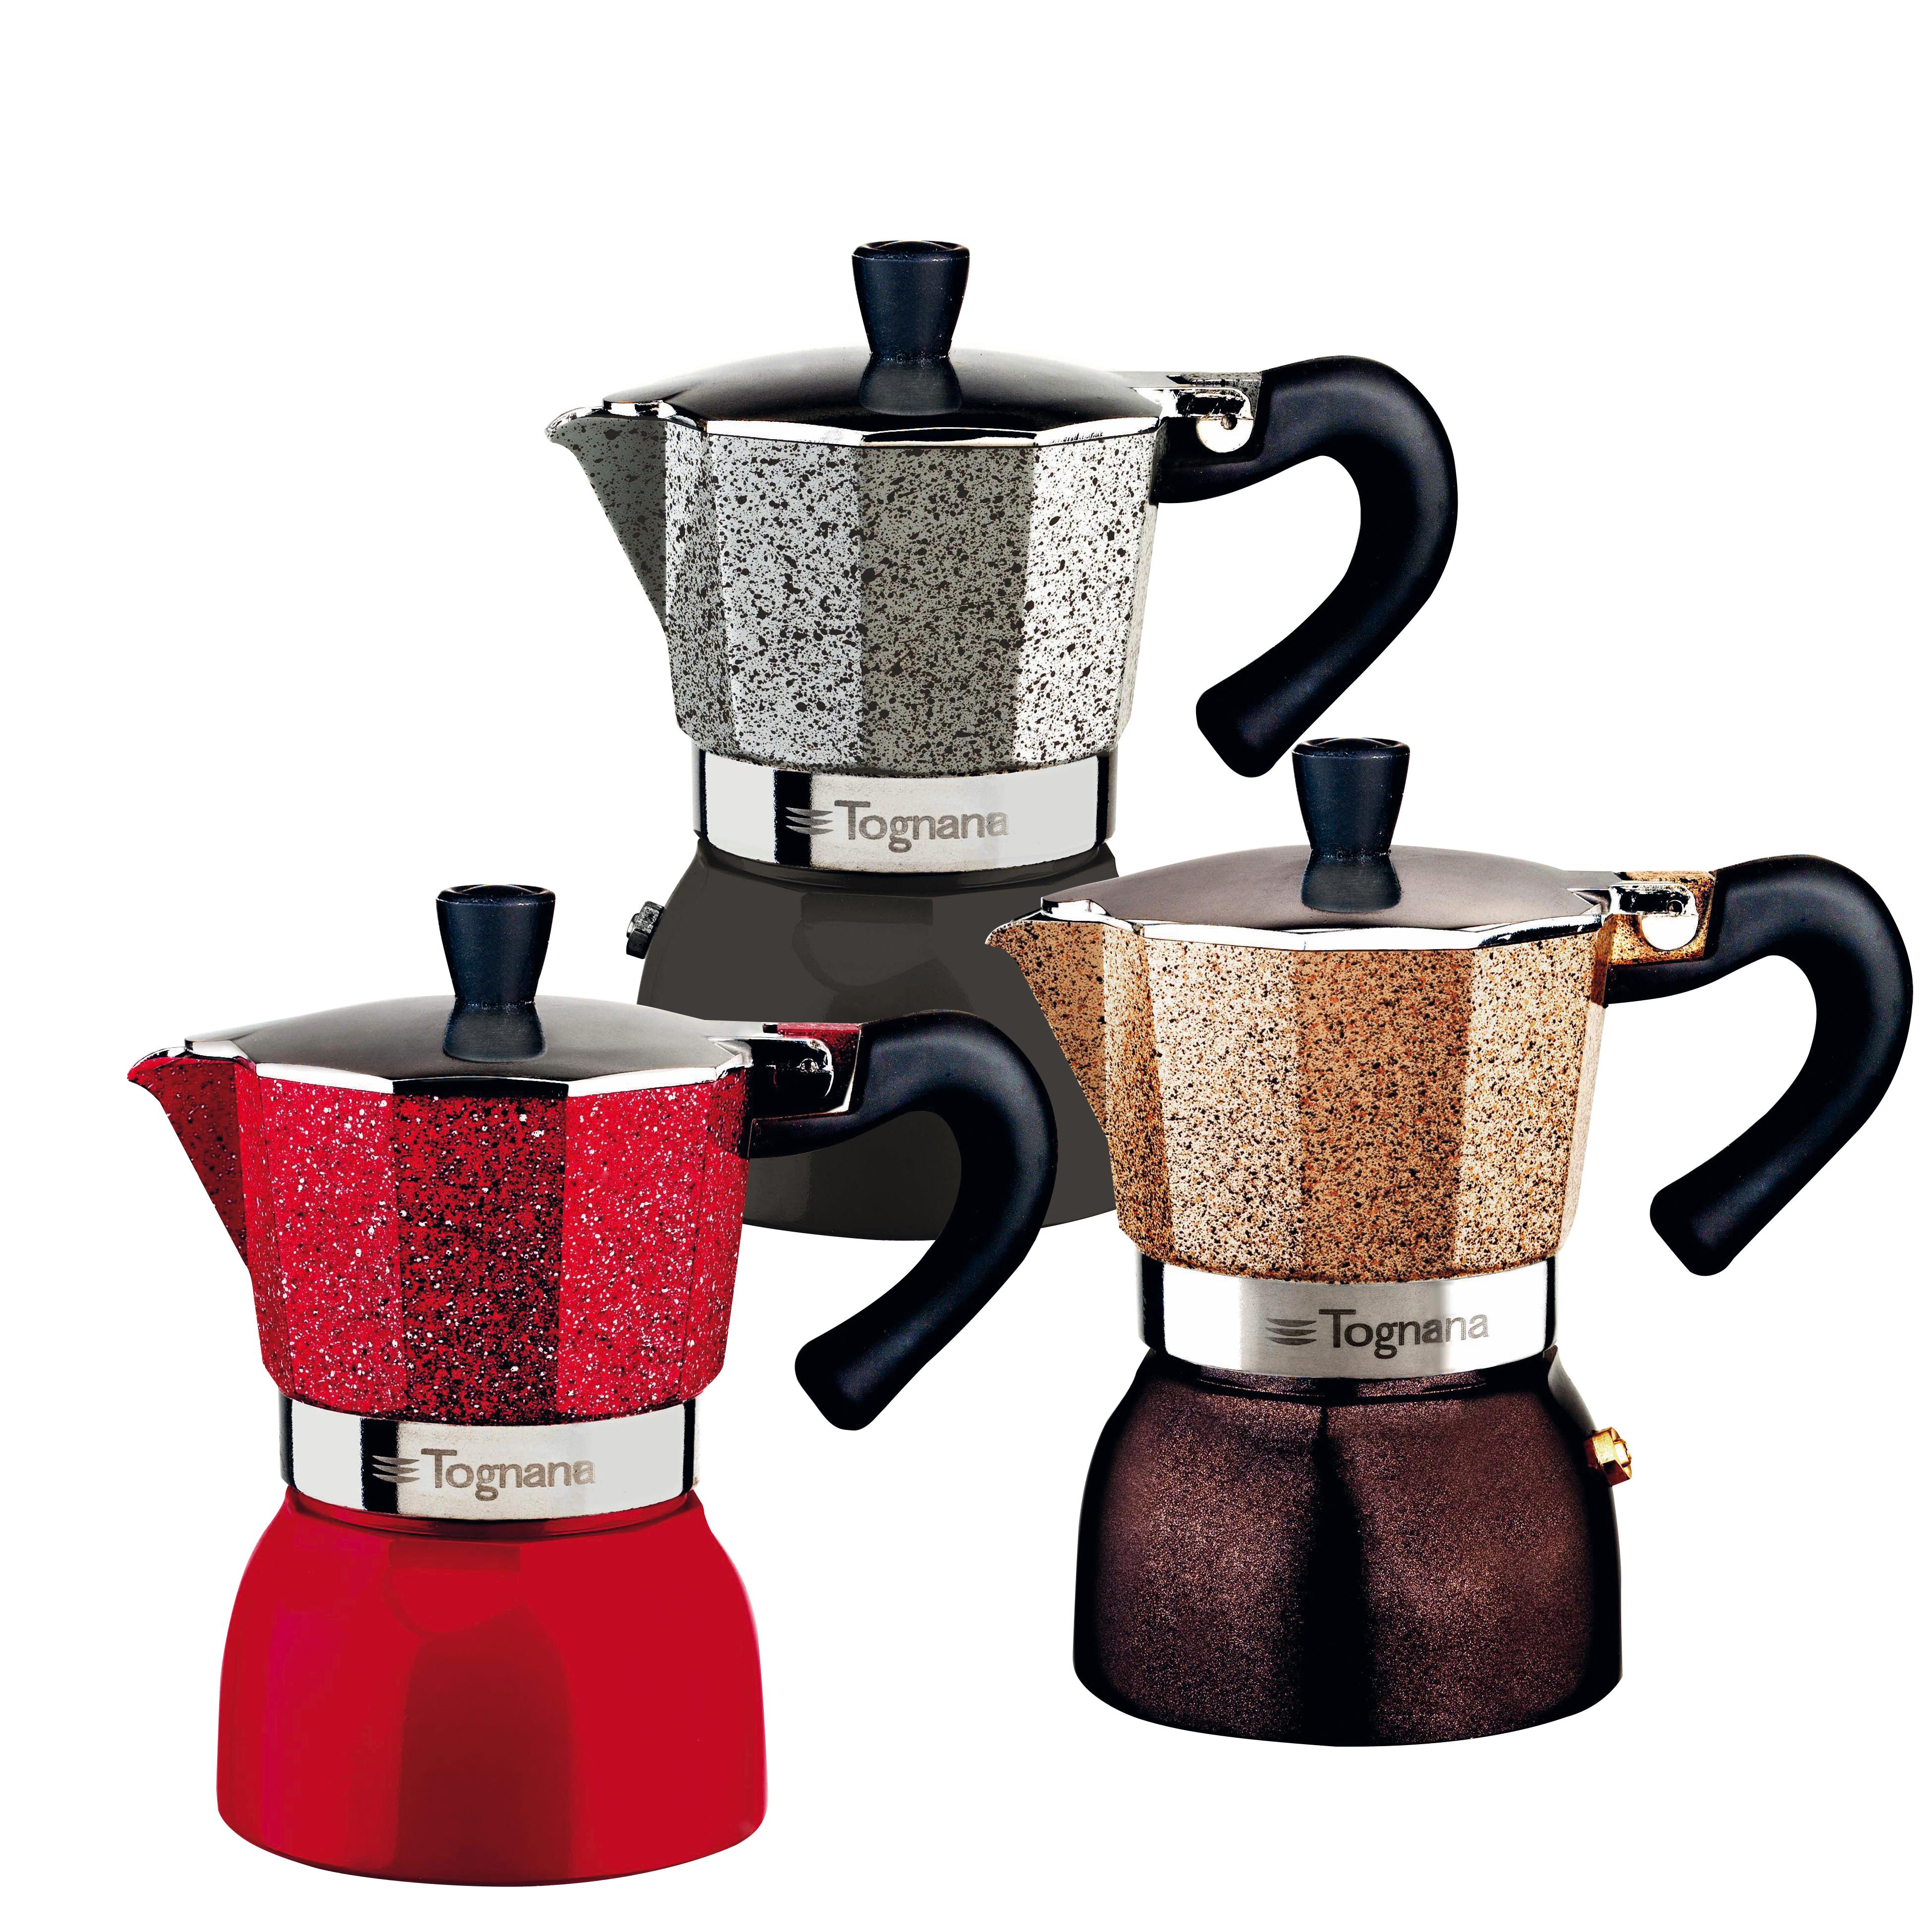 Кофеварка гейзерная на 3 чашки GRANCUCINA MULTICOL цвета в ассортиментеКофеварка гейзерная на 3 чашки Гранкучина станет незаменимым атрибутом для каждого ценителя качественно приготовленного кофе. Представленные модели изготавливаются из прочного алюминия и пластика. Эти материалы надежно защищают от случайных повреждений, что способствует долгому сроку службы изделий. Кофеварки работают по принципу гейзерного приготовления с помощью пара, благодаря чему напиток получается особенно вкусным и насыщенным. Разнообразные расцветки позволят вам подобрать изделие, оптимально подходящее к интерьеру кухни.<br>